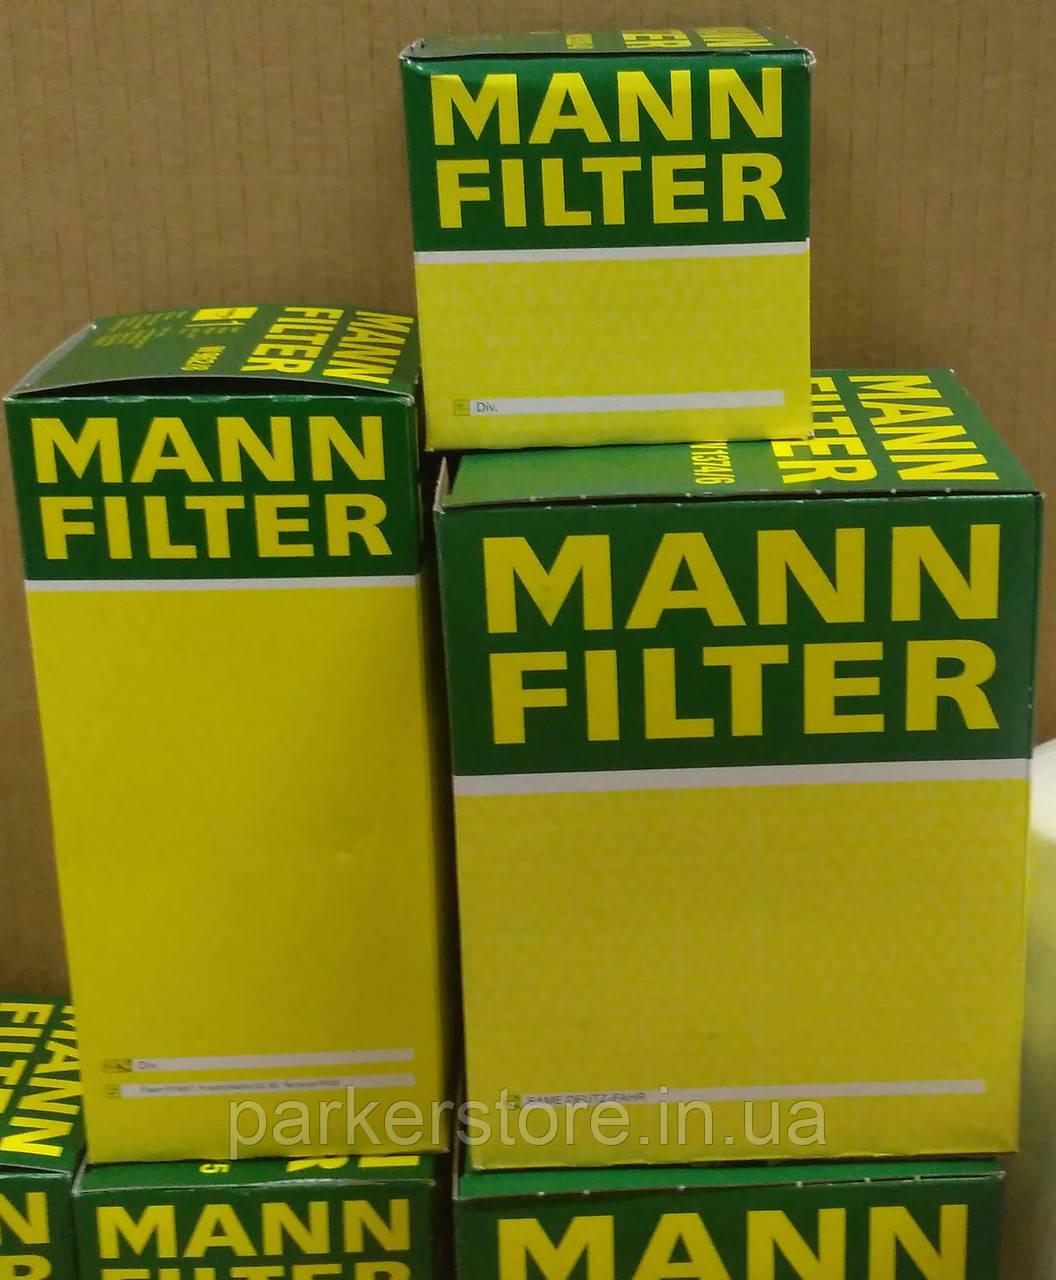 MANN FILTER / Воздушный фильтр / C 34 110 / C34110